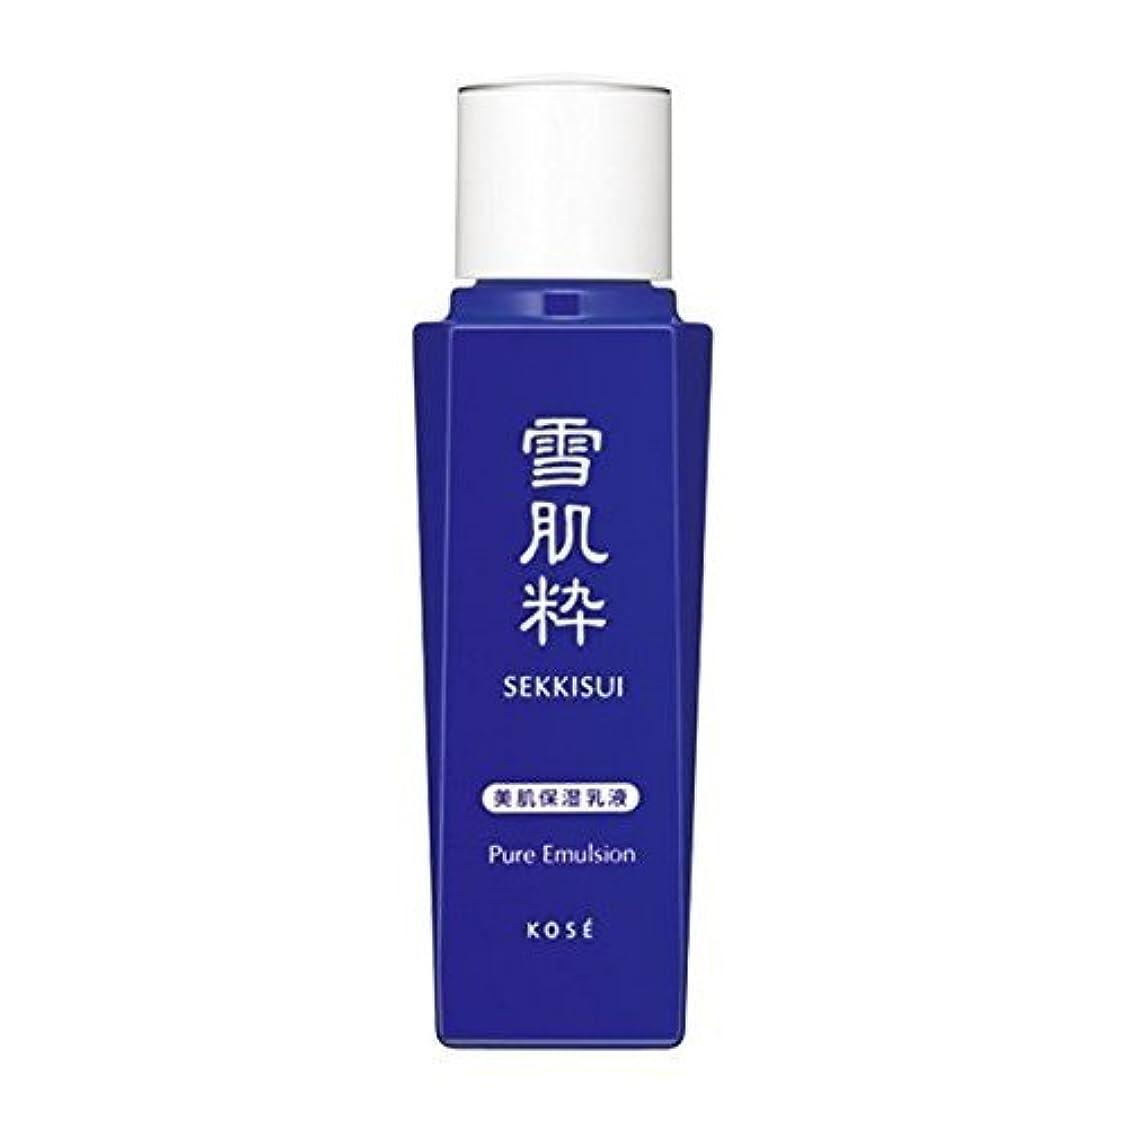 シアーメールフェローシップコーセー 雪肌粋 美肌保湿乳液 80ml ピュアエマルジョン